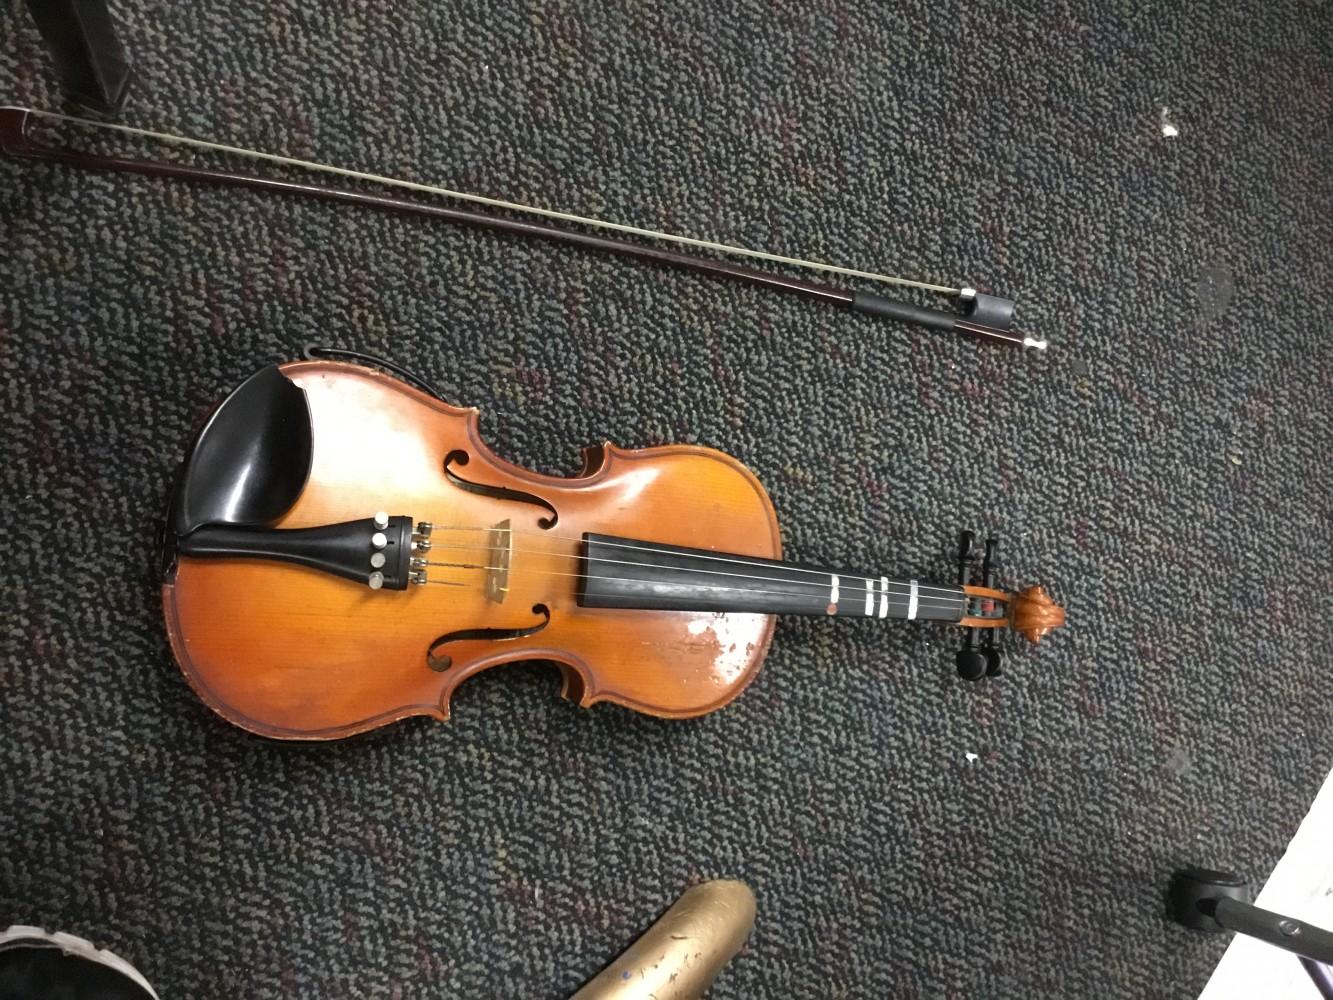 Violin by IDFK